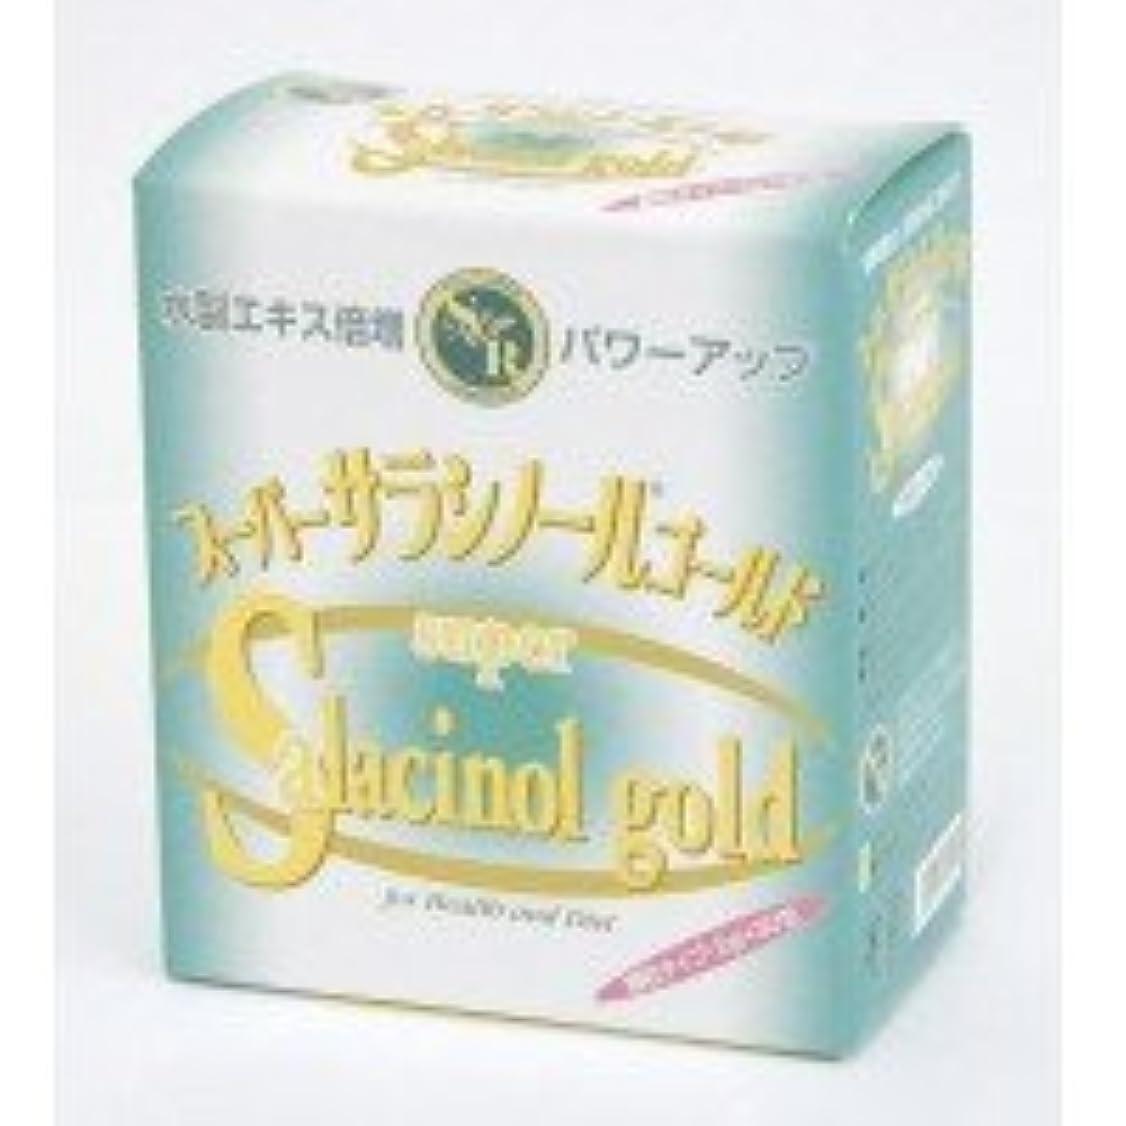 トレーニング防衛母音ジャパンヘルス スーパーサラシノールゴールド 2g×30包